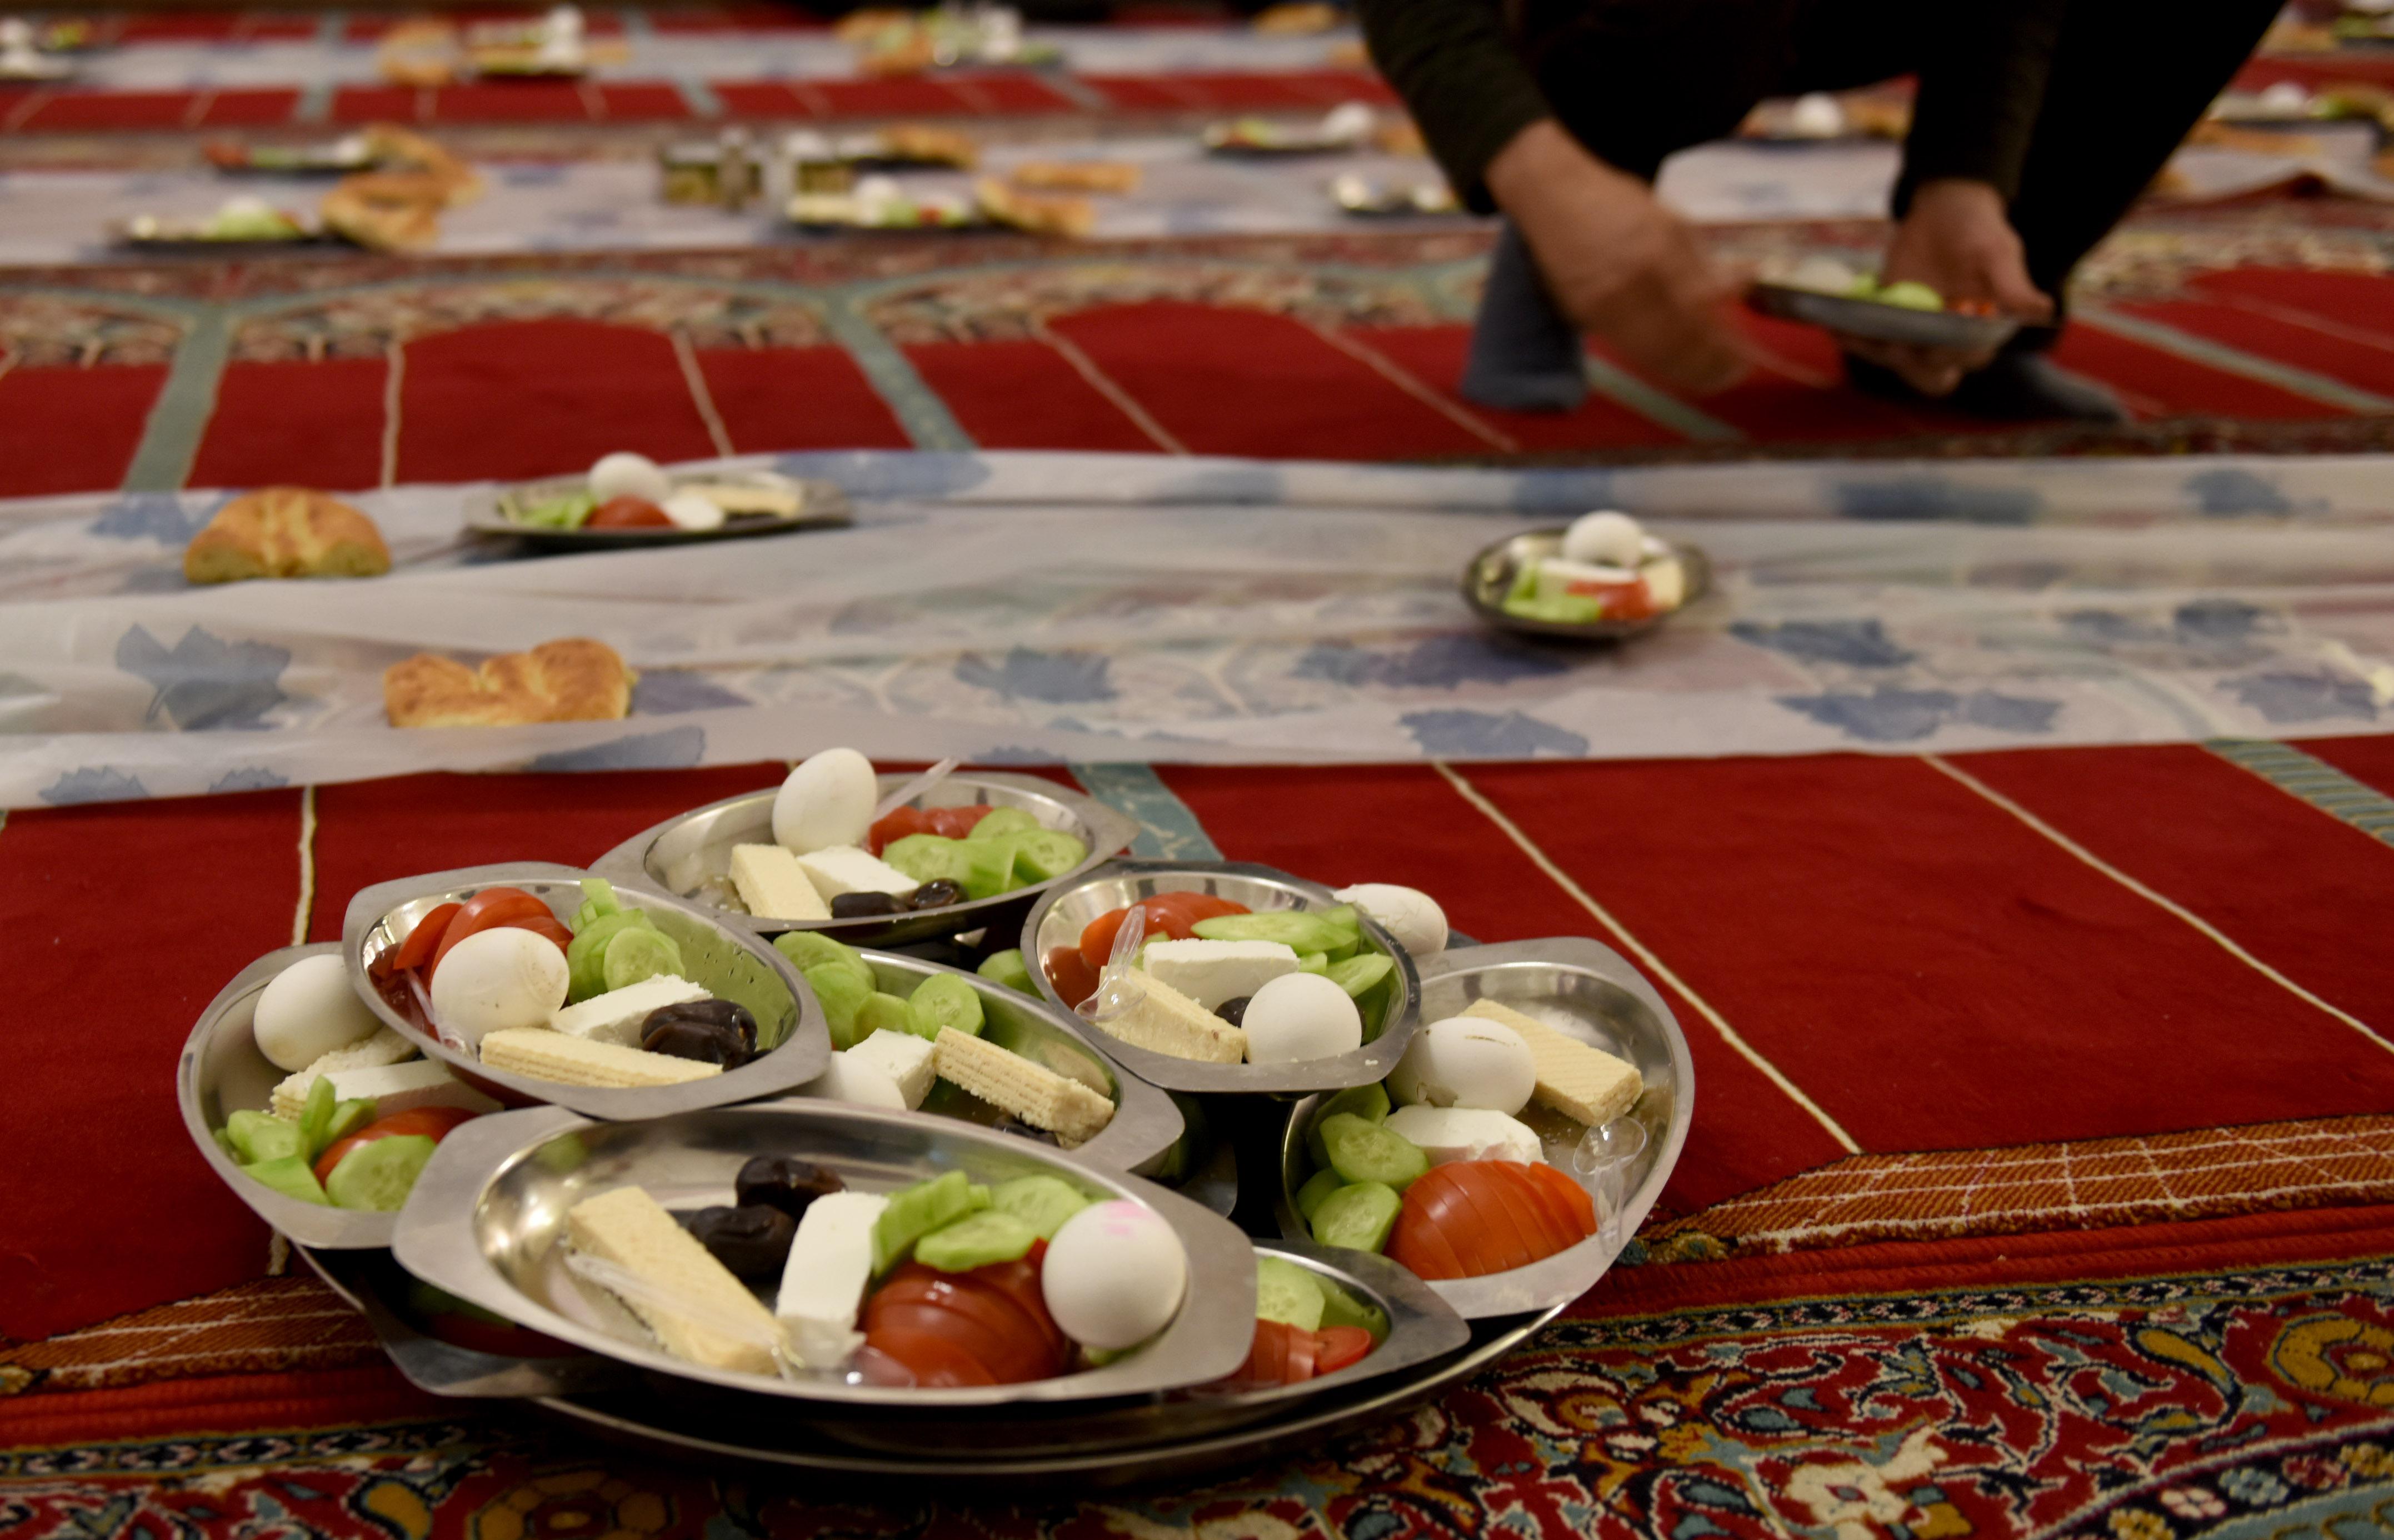 Pengurus masjid mempersiapkan makanan untuk berbuka puasa Ramadan. Foto oleh Hermanus Prihatna/Antara